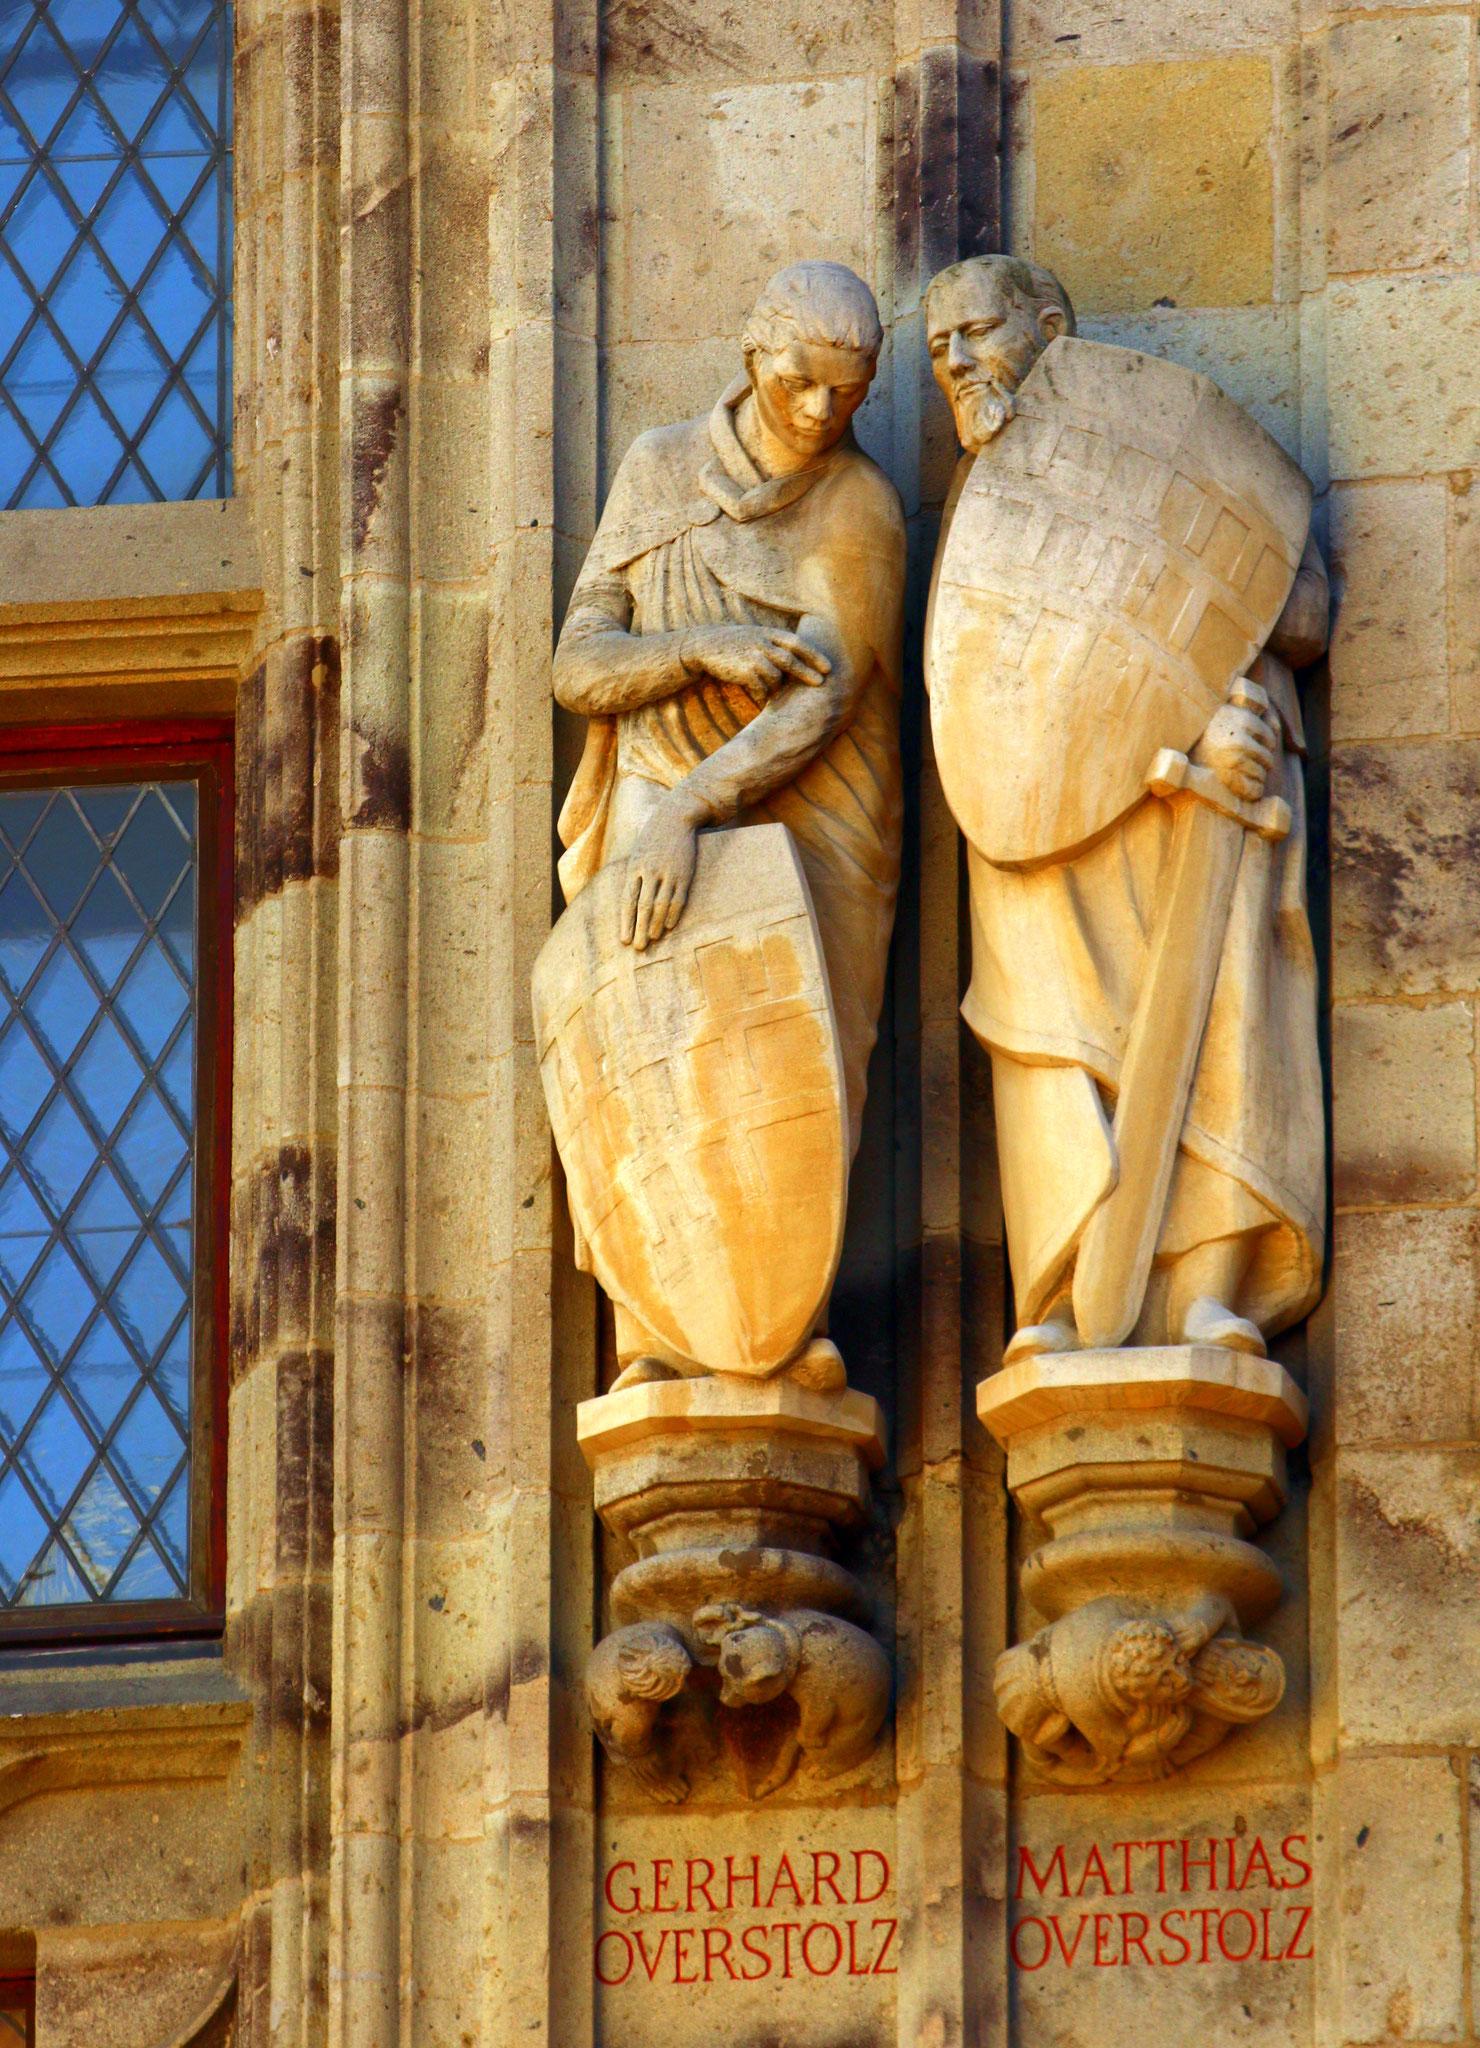 Mittelalter-Tour - Rathausturmfiguren v. G. + M. Overstolz (13. Jh.)